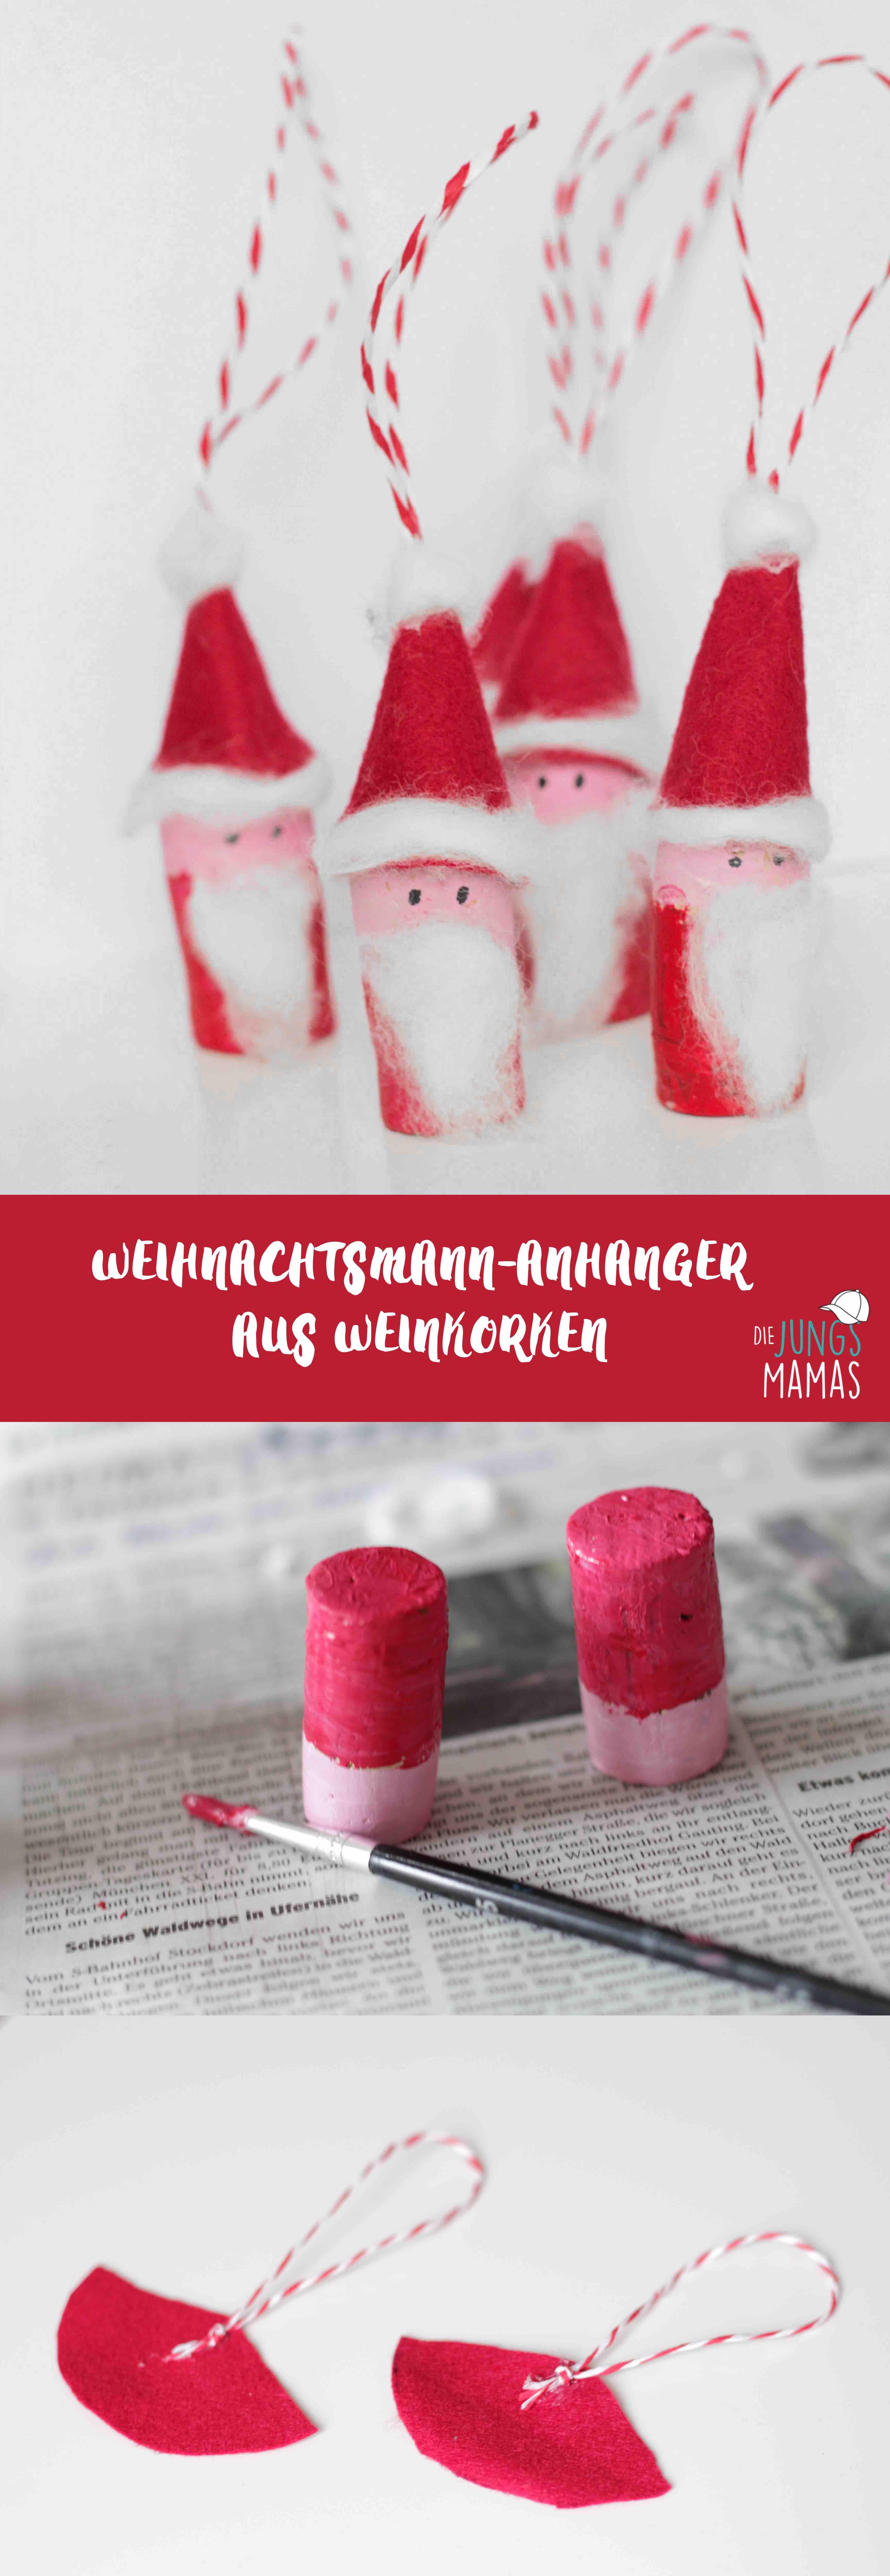 Weihnachytsmann basteln, Korken, Basteln für Weihnachten, Weihnachtsanhänger, Christbaumanhänger, die JungsMamas, christmas crafts #christbaumschmuckbastelnkinder